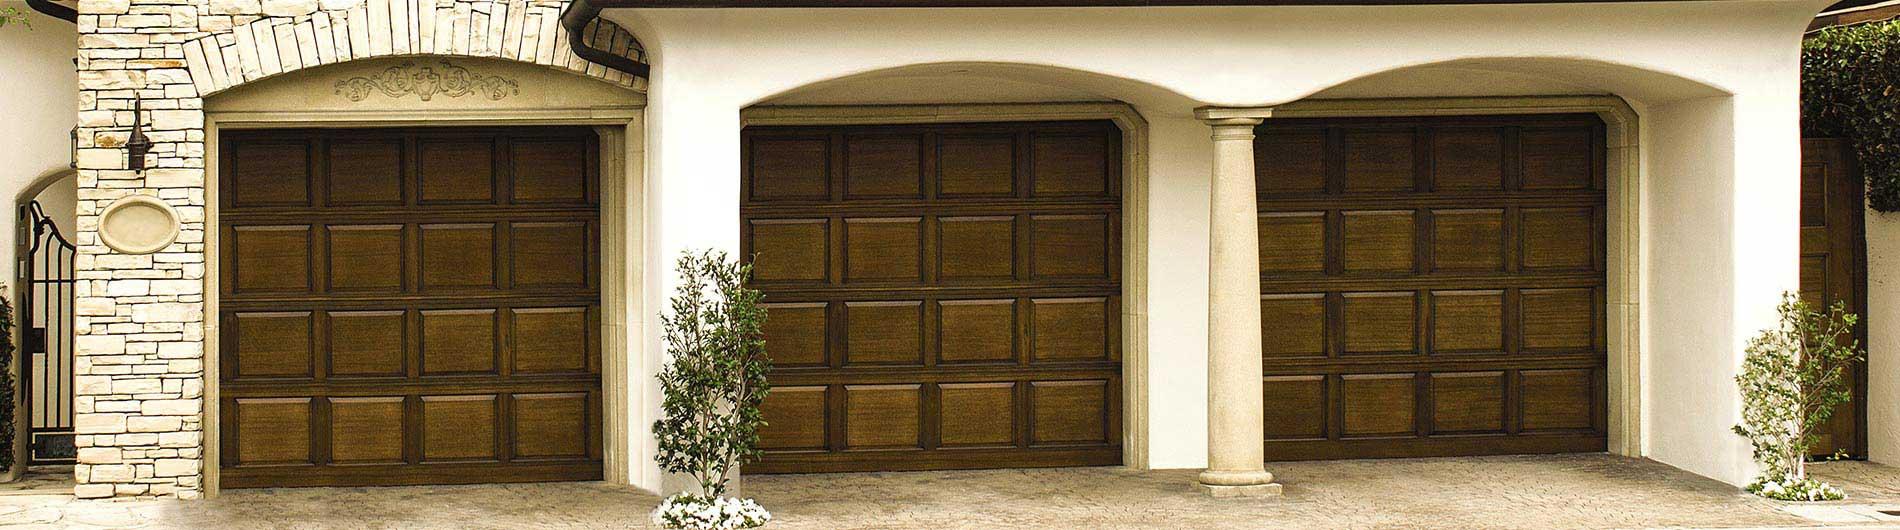 300 Series Wood Garage Door From Precision Door